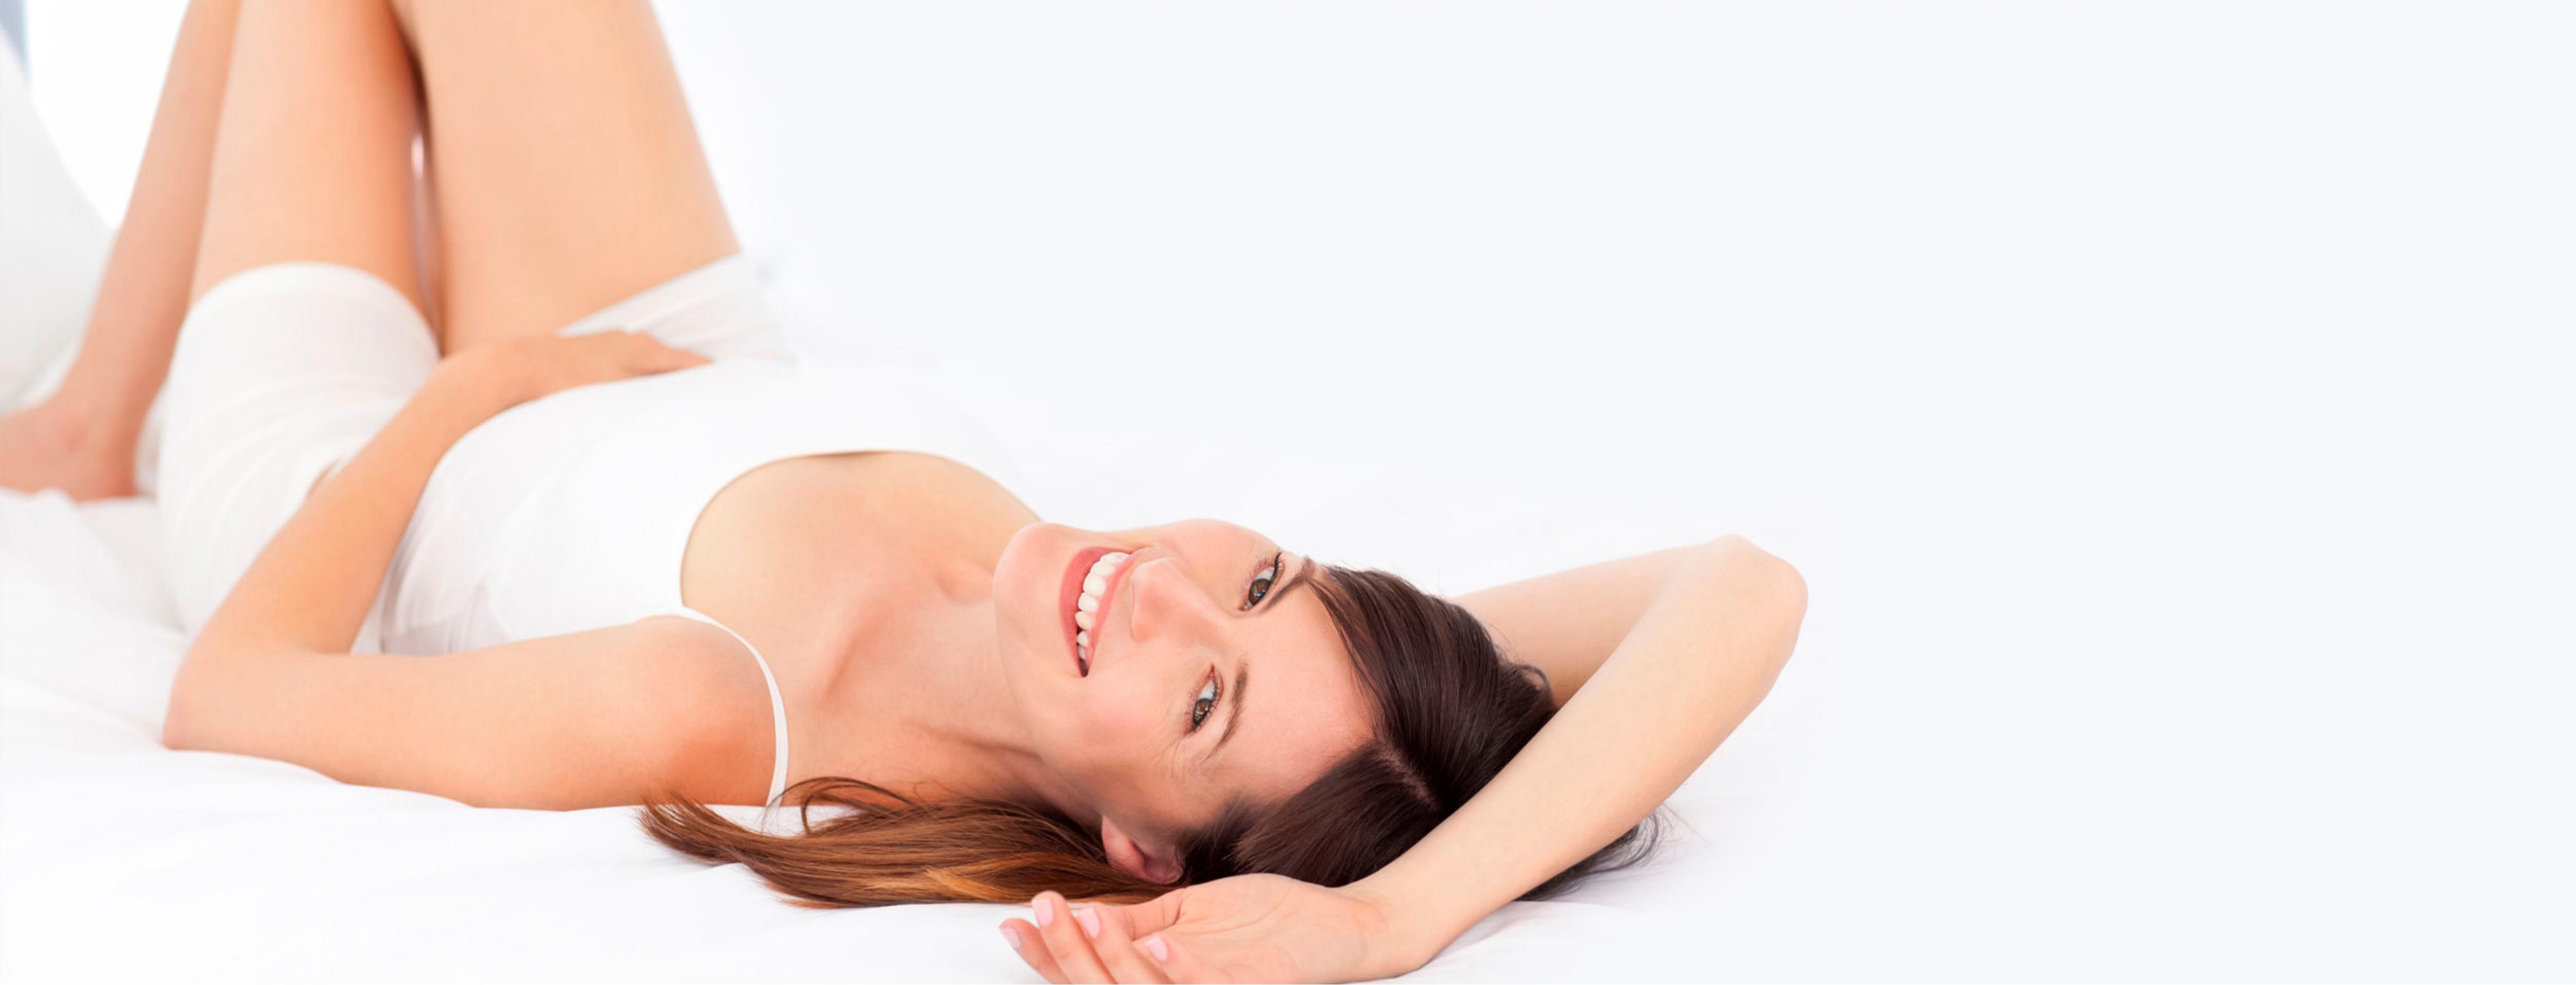 Влажные салфетки для интимной гигиены: польза или вред?